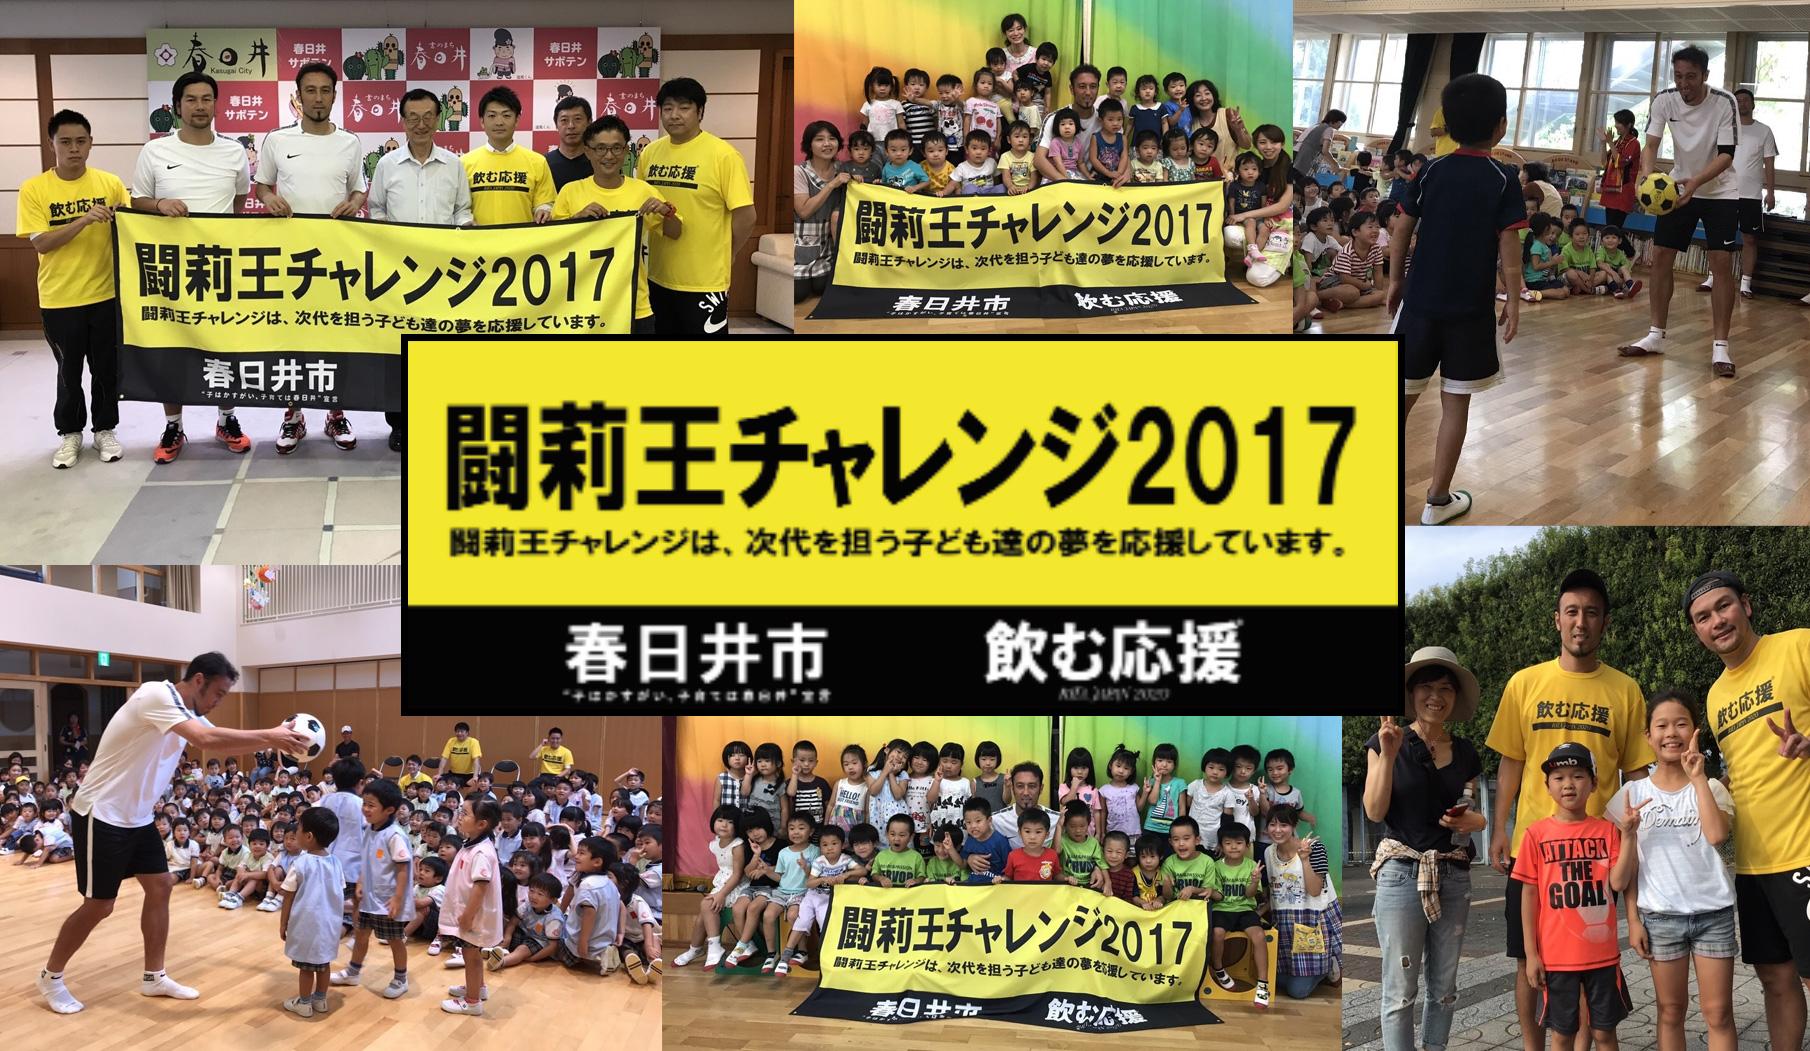 闘莉王チャレンジ2017